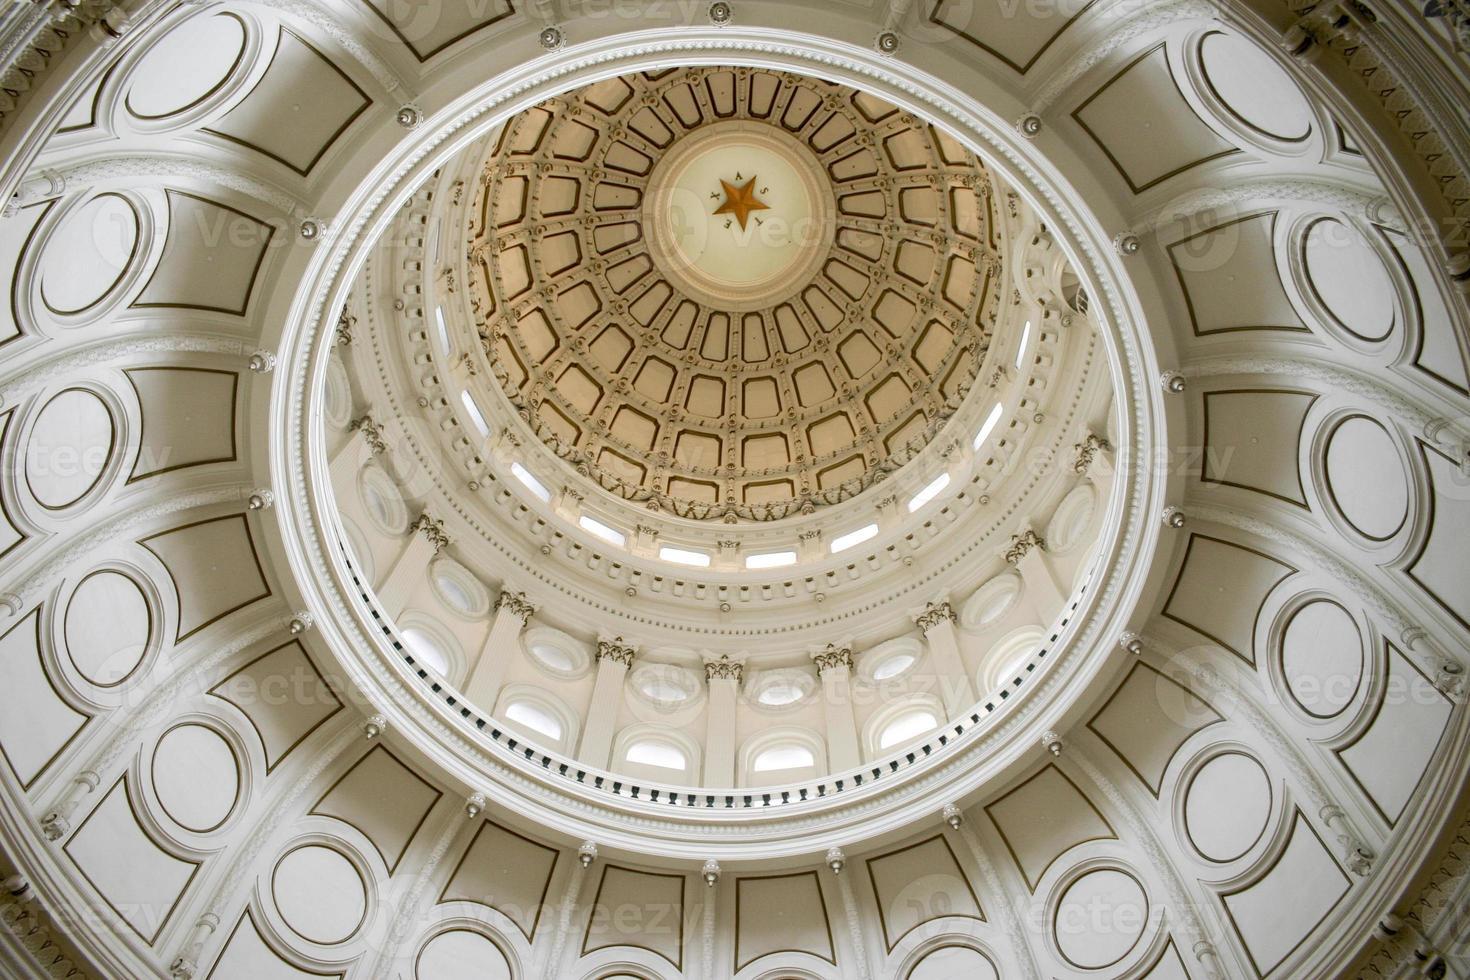 rotunda da capital do estado em austin, texas foto